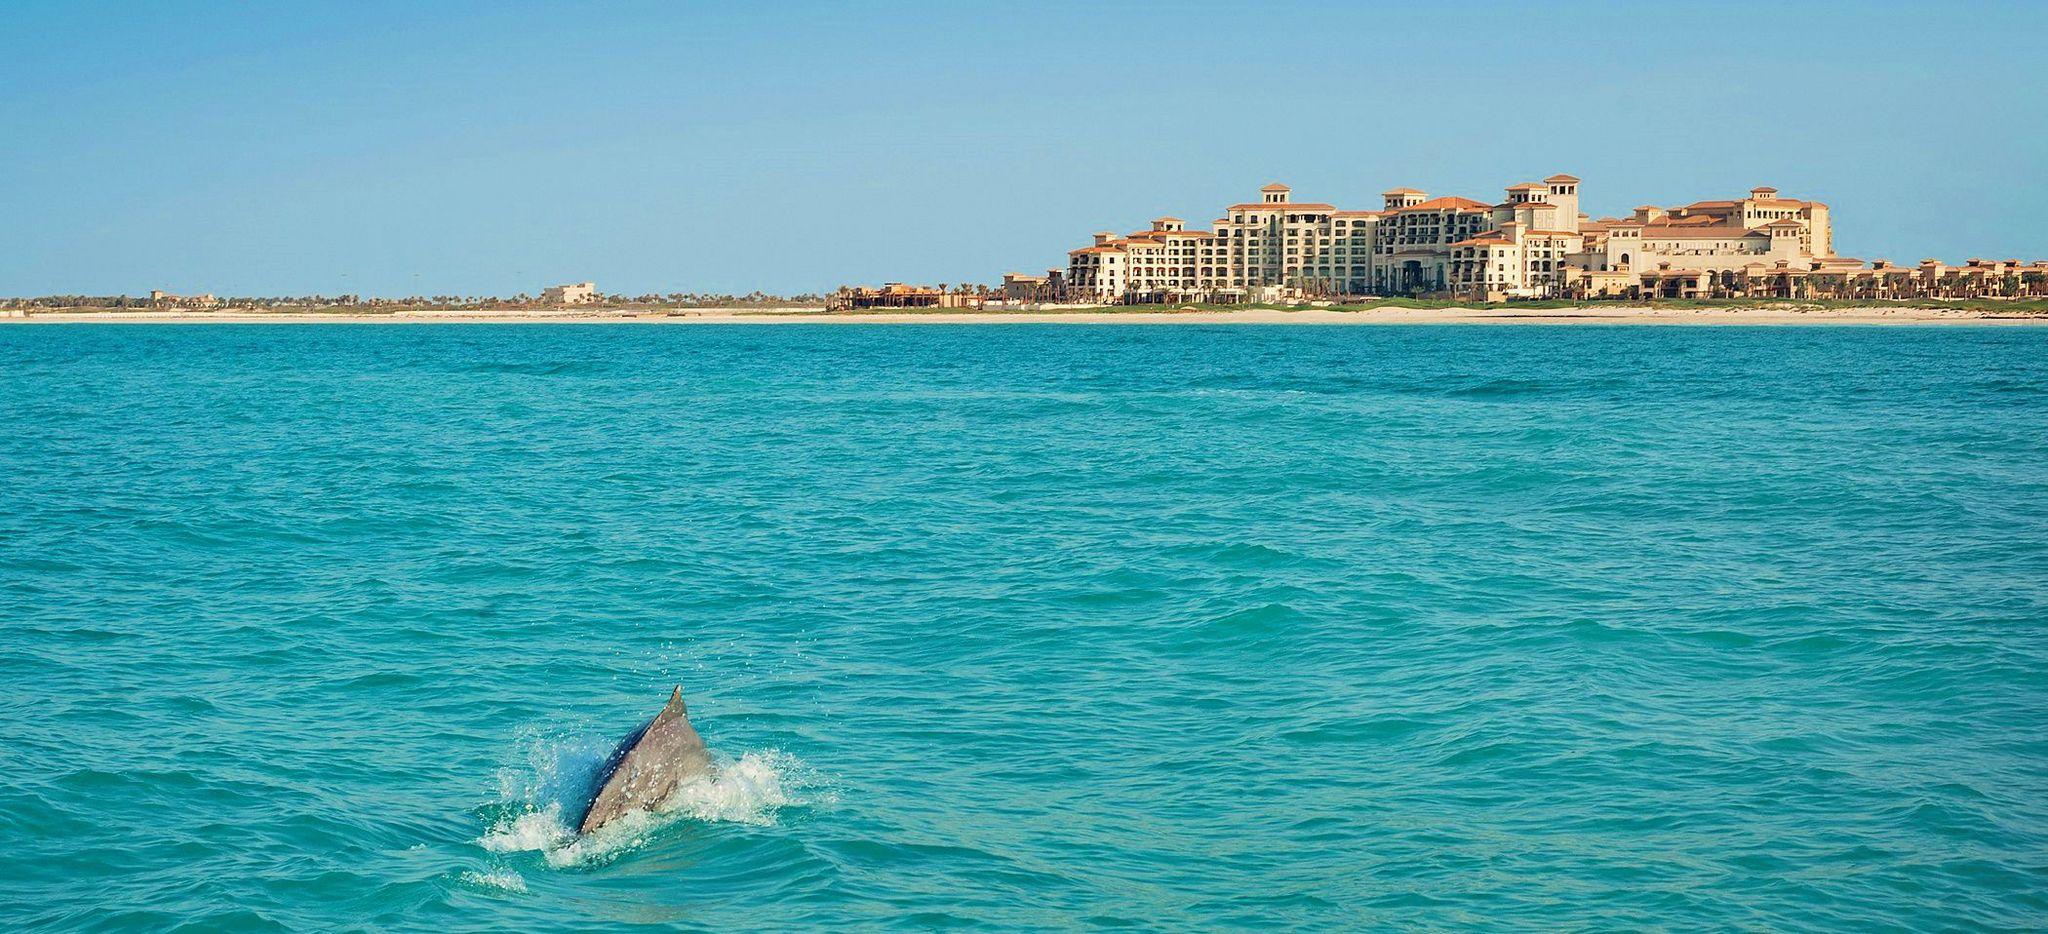 Walflosse im Meer vor der Skyline von Abu Dhabi